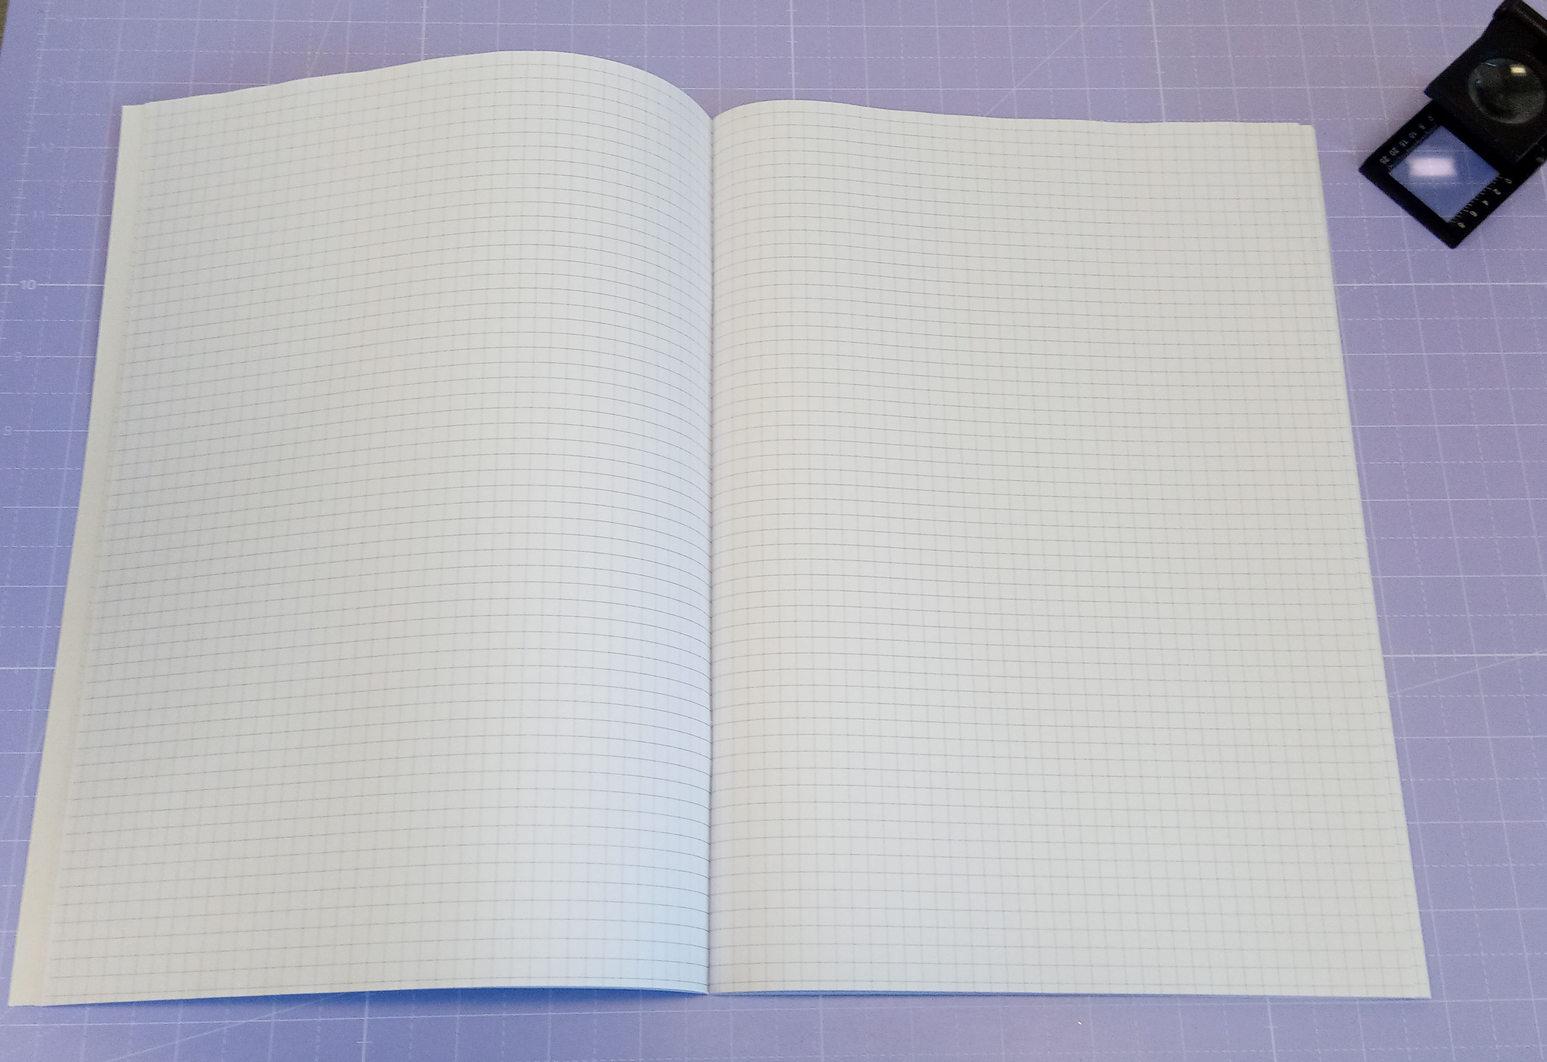 Particolare dell'interno del quaderno